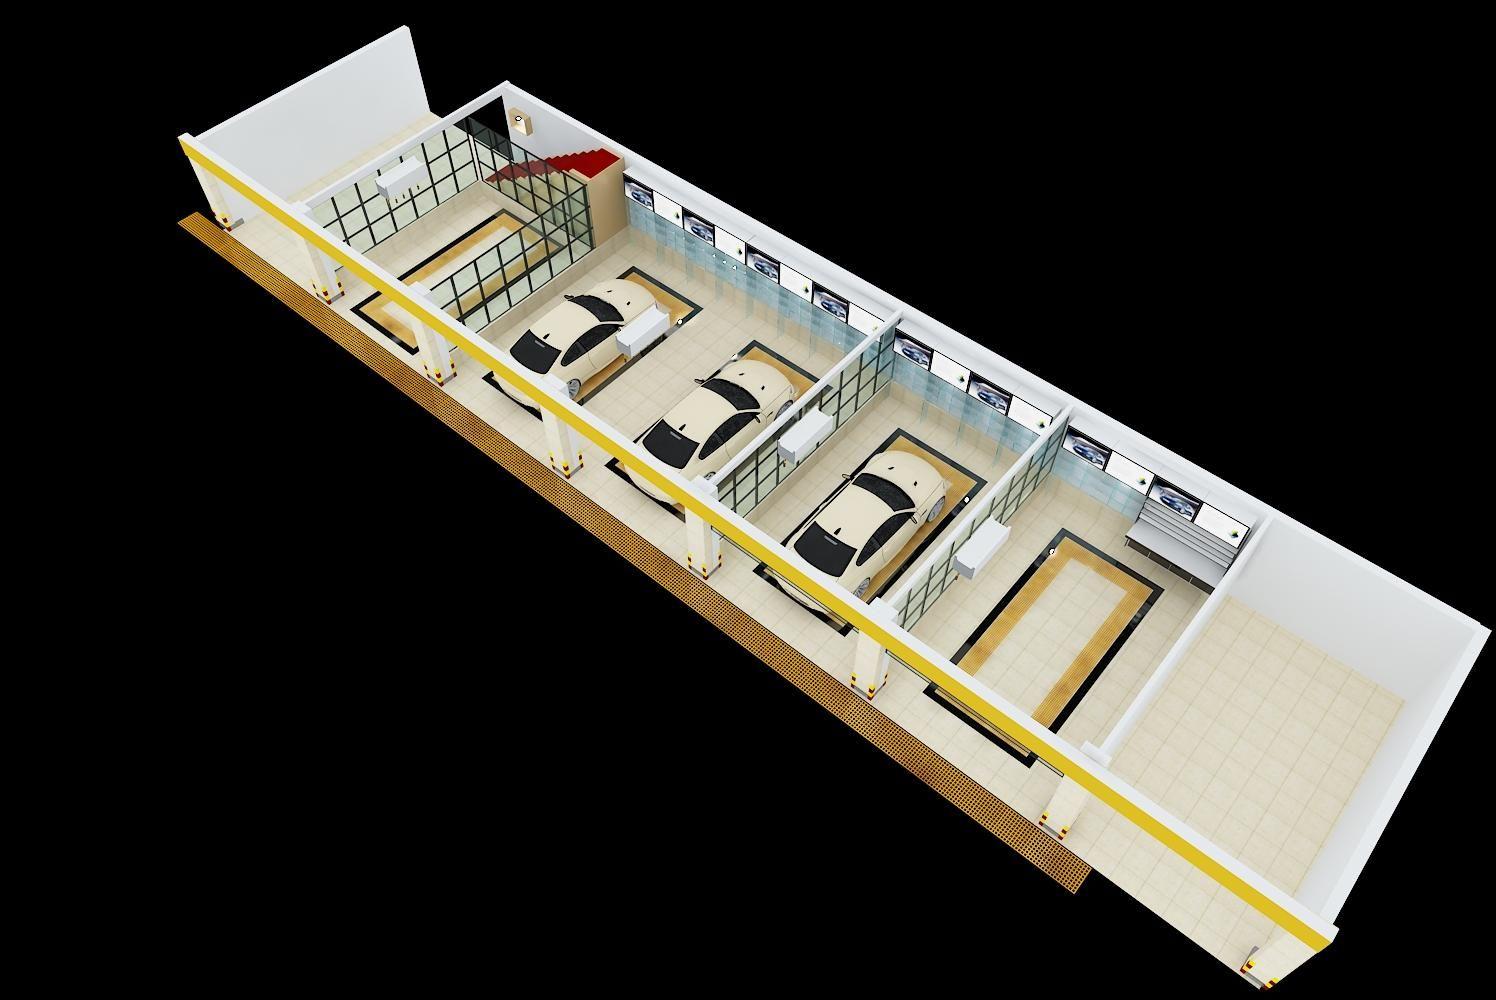 汽车美容店设计-3d效果图-设计案例